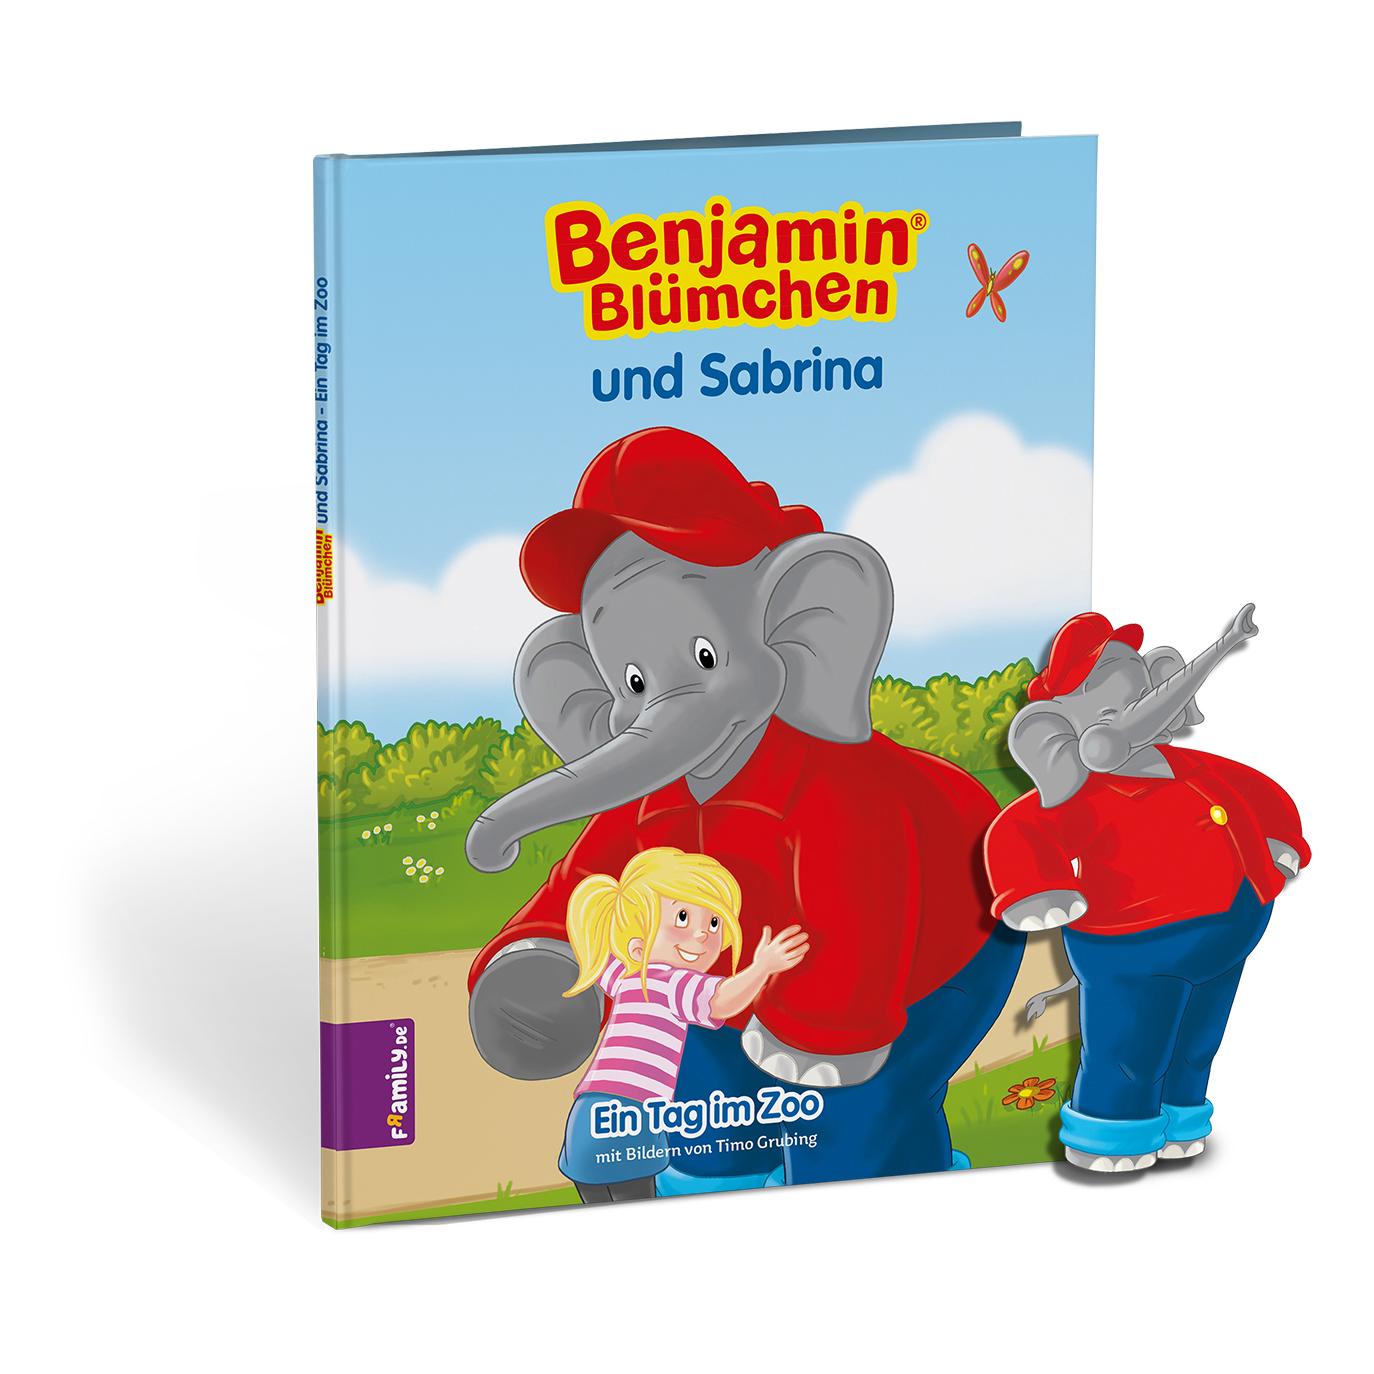 Benjamin Bluemchen - personalisierte Kinderbuecher